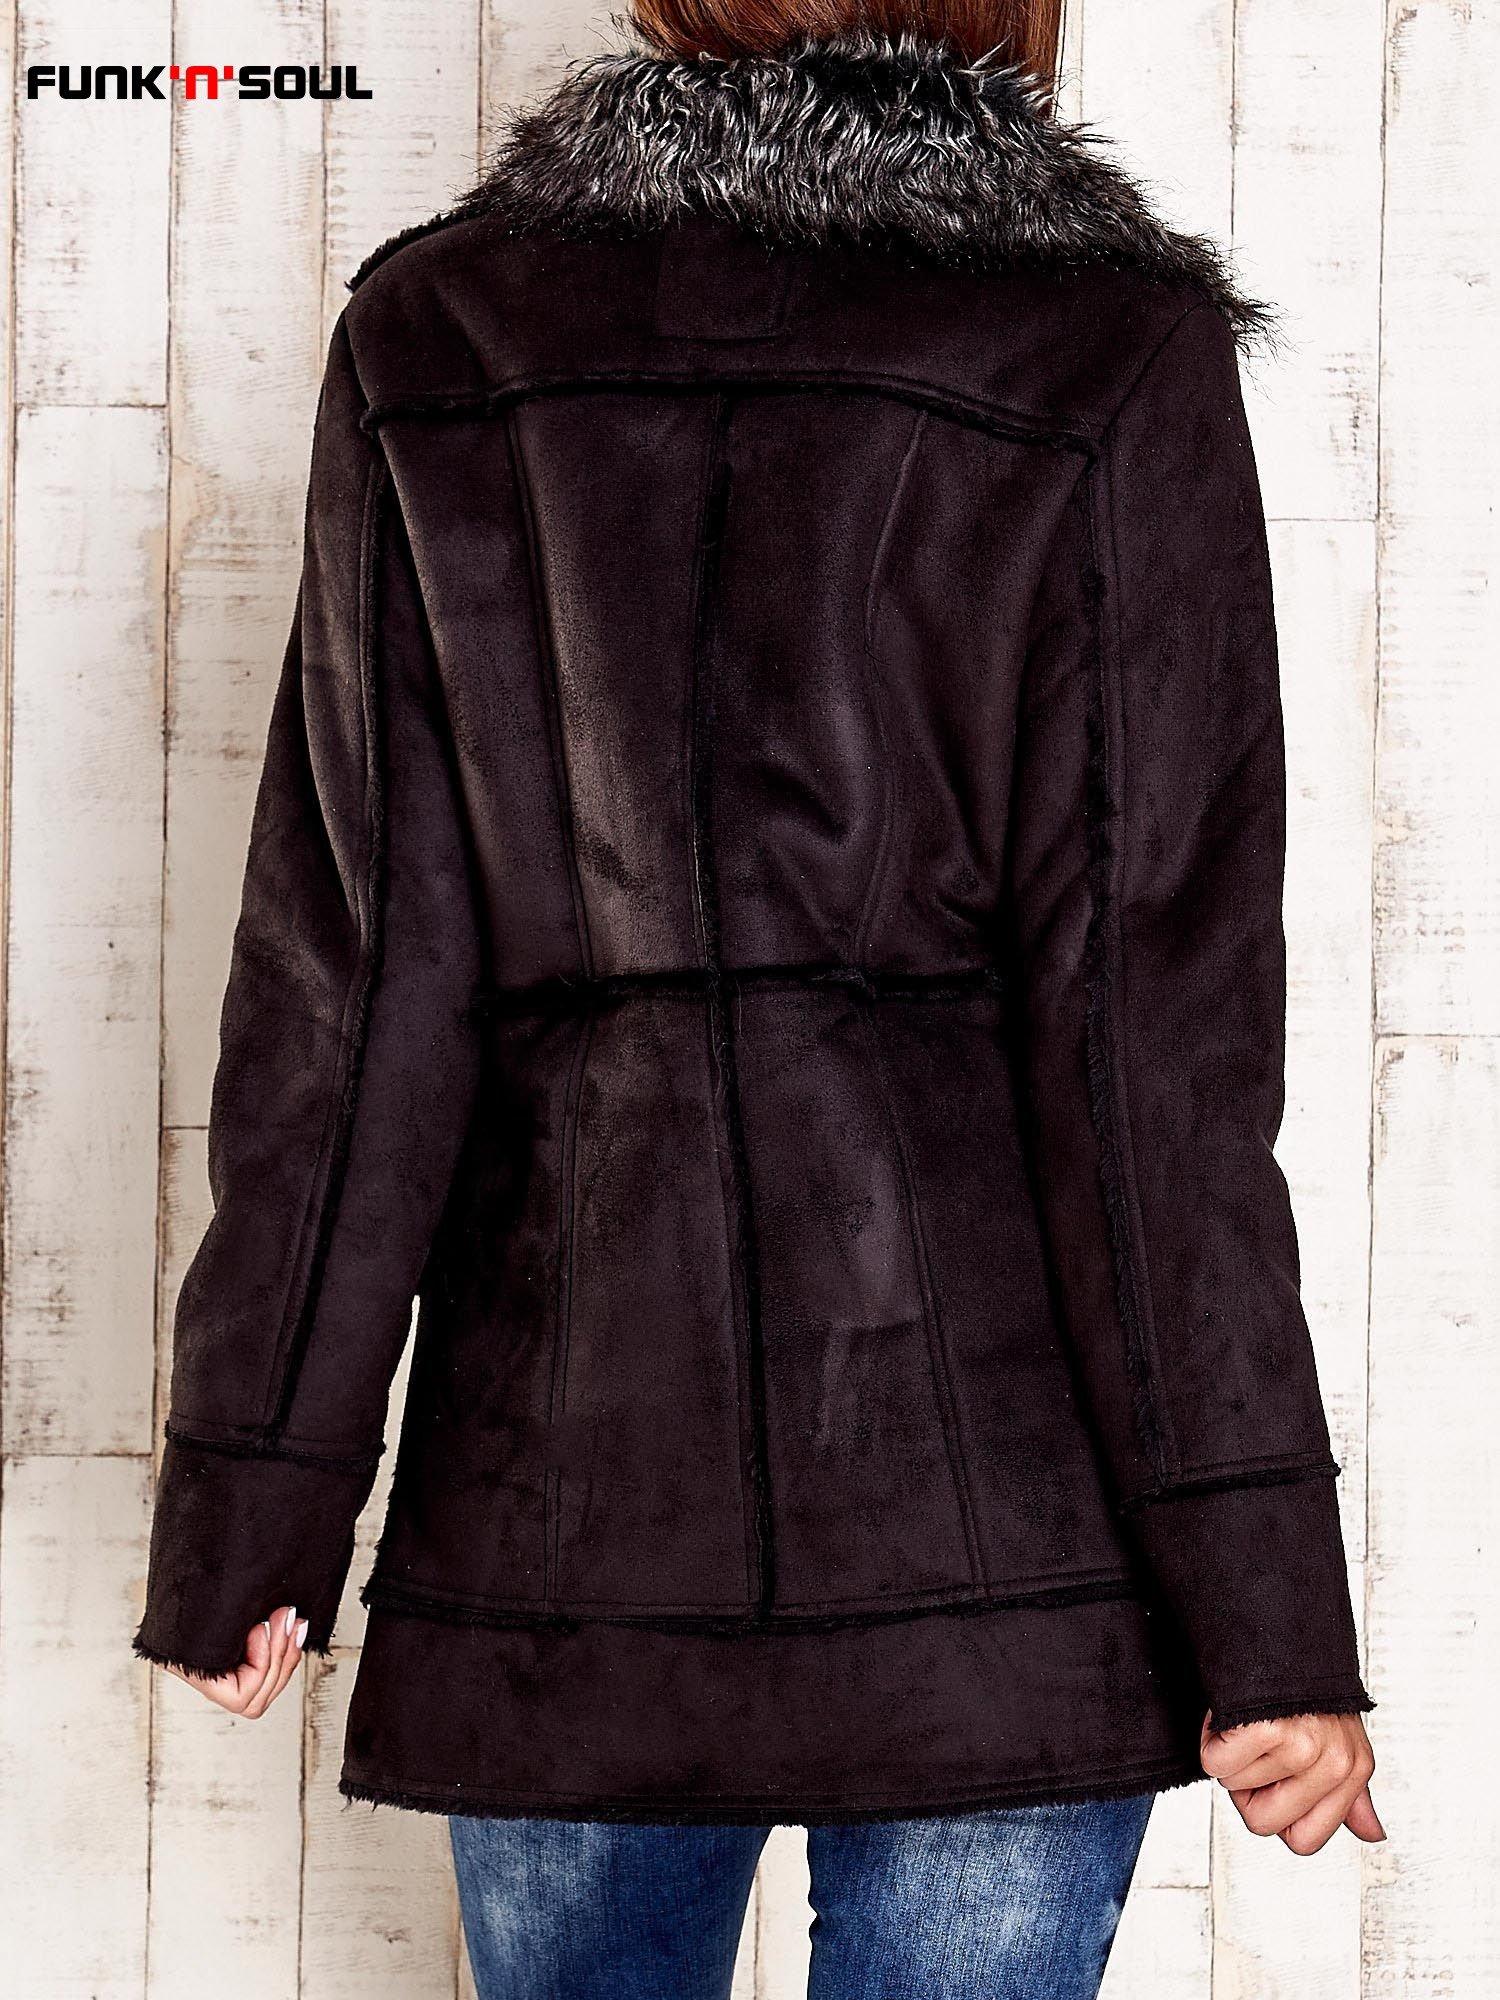 Czarny futrzany płaszcz z włochatym kołnierzem FUNK N SOUL                                  zdj.                                  2